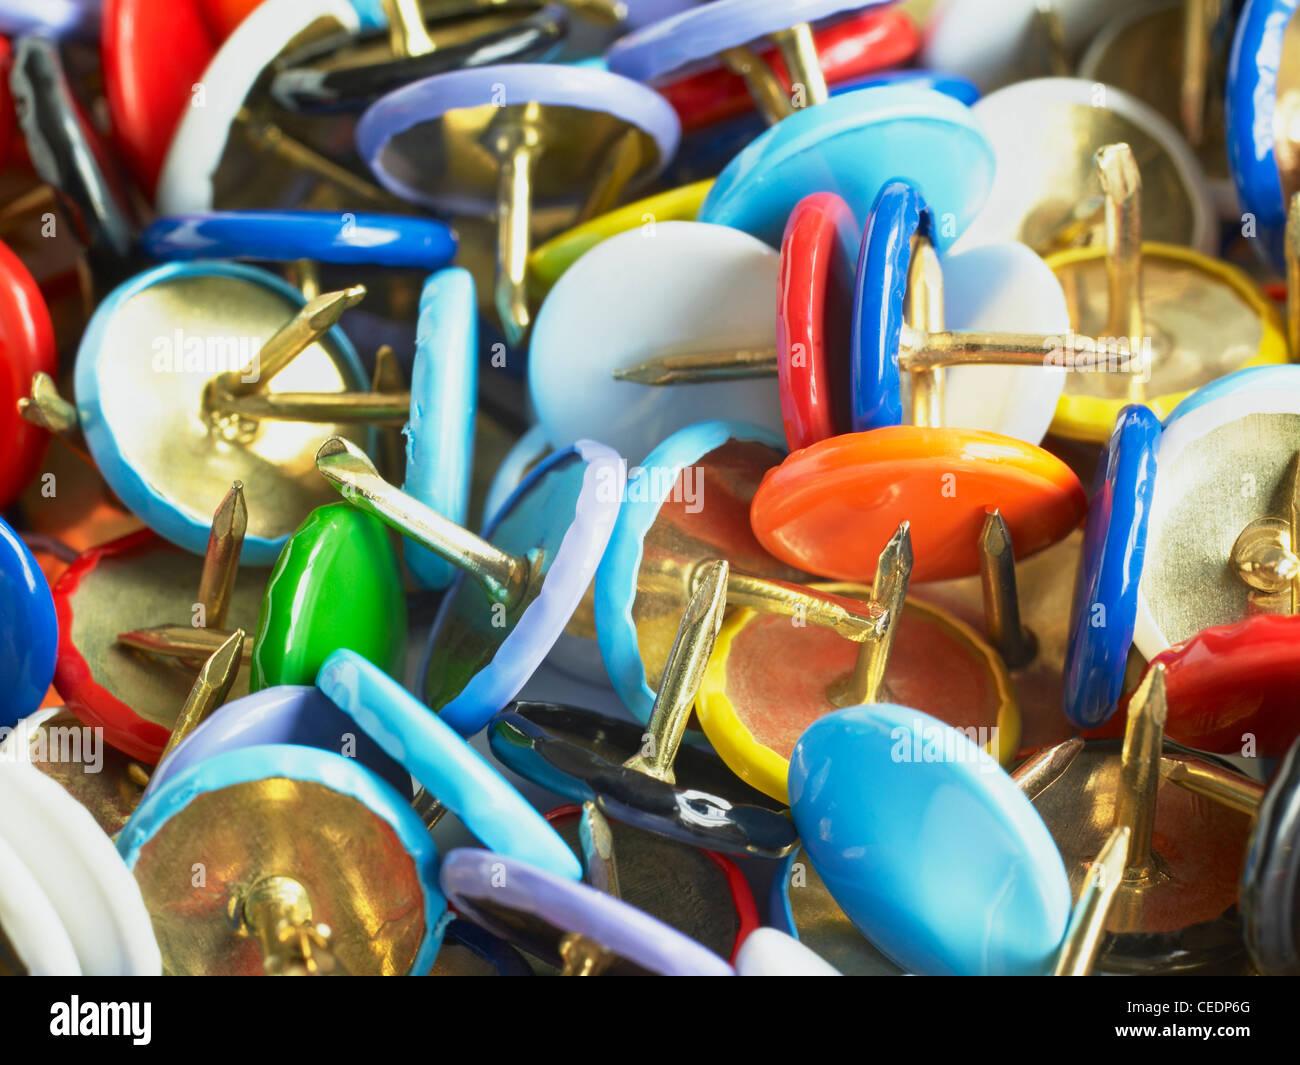 Thumb tacks, close up - Stock Image